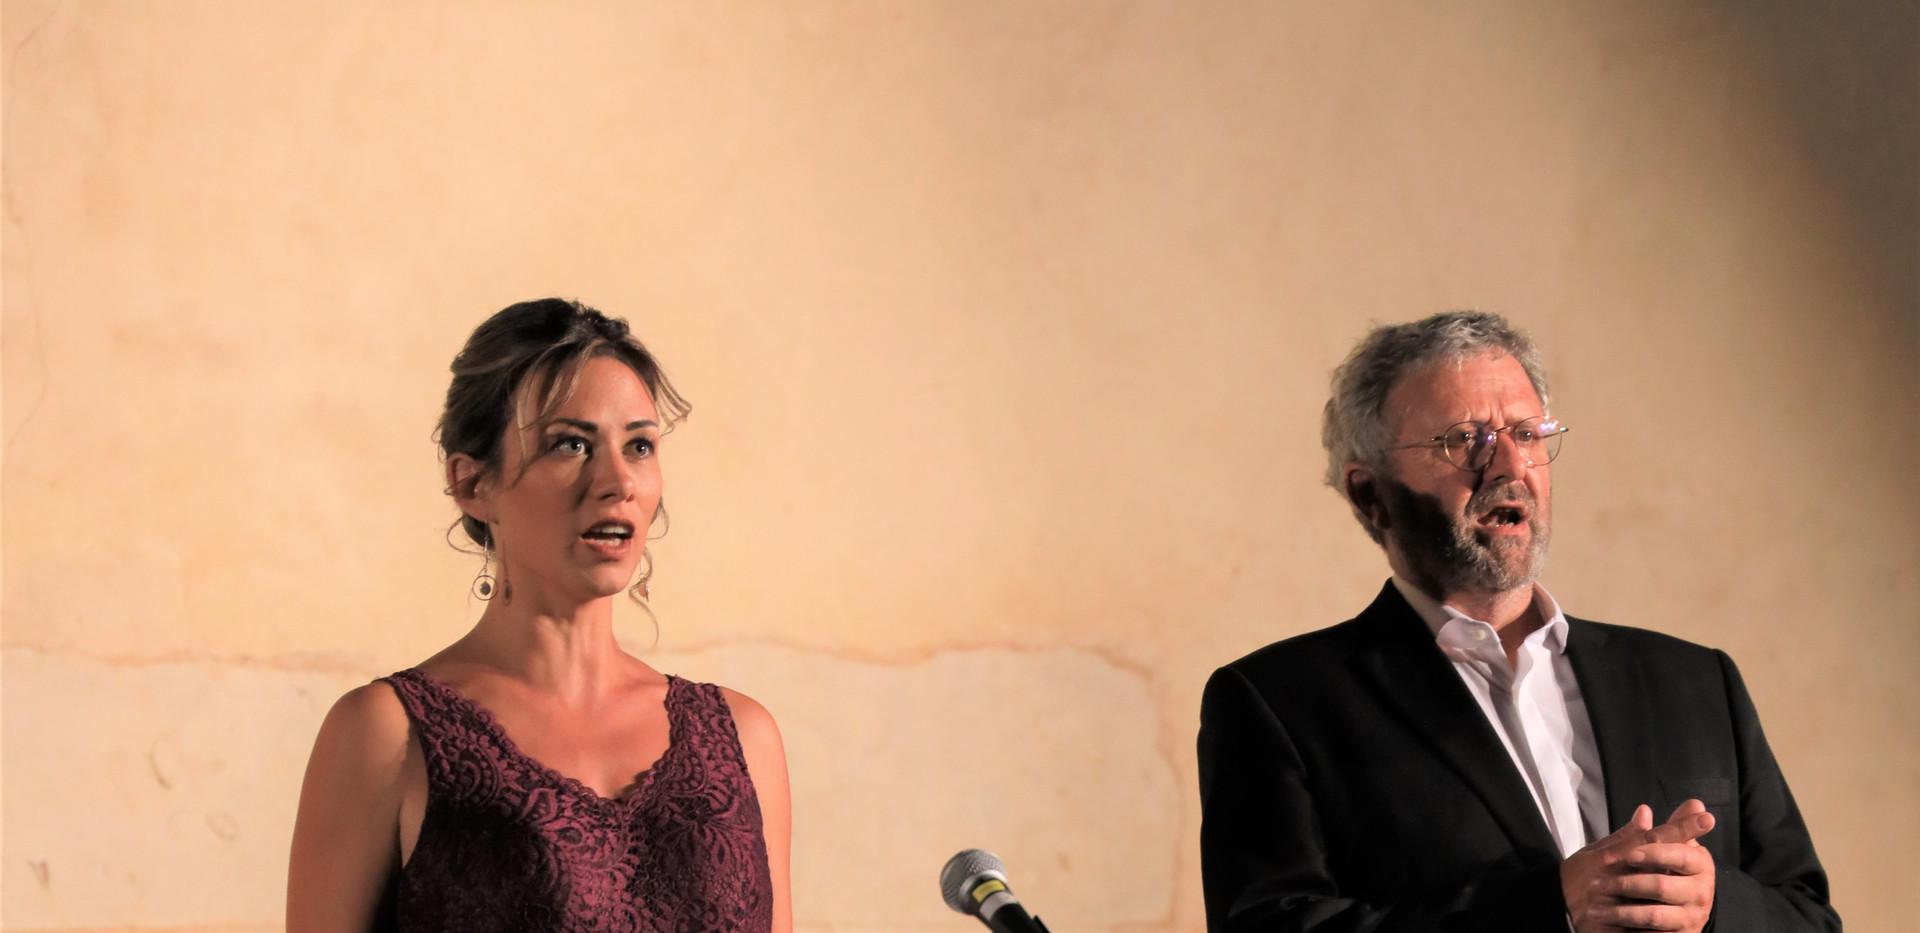 La Traviata - Concert